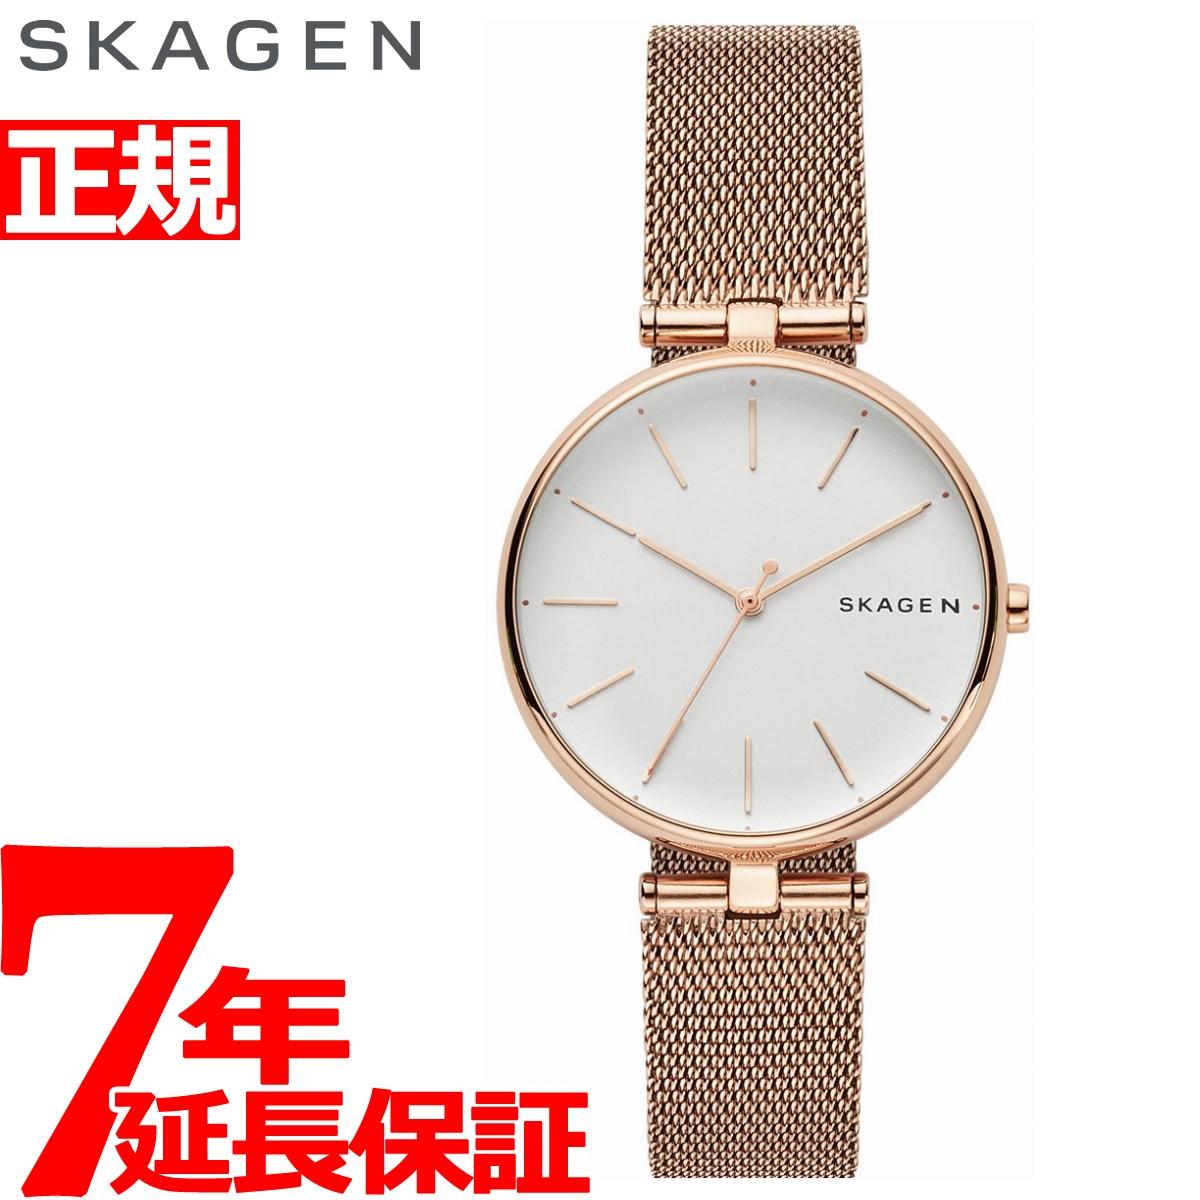 スカーゲン SKAGEN 腕時計 レディース シグネチャー SIGNATUR T-BAR SKW2709【2018 新作】